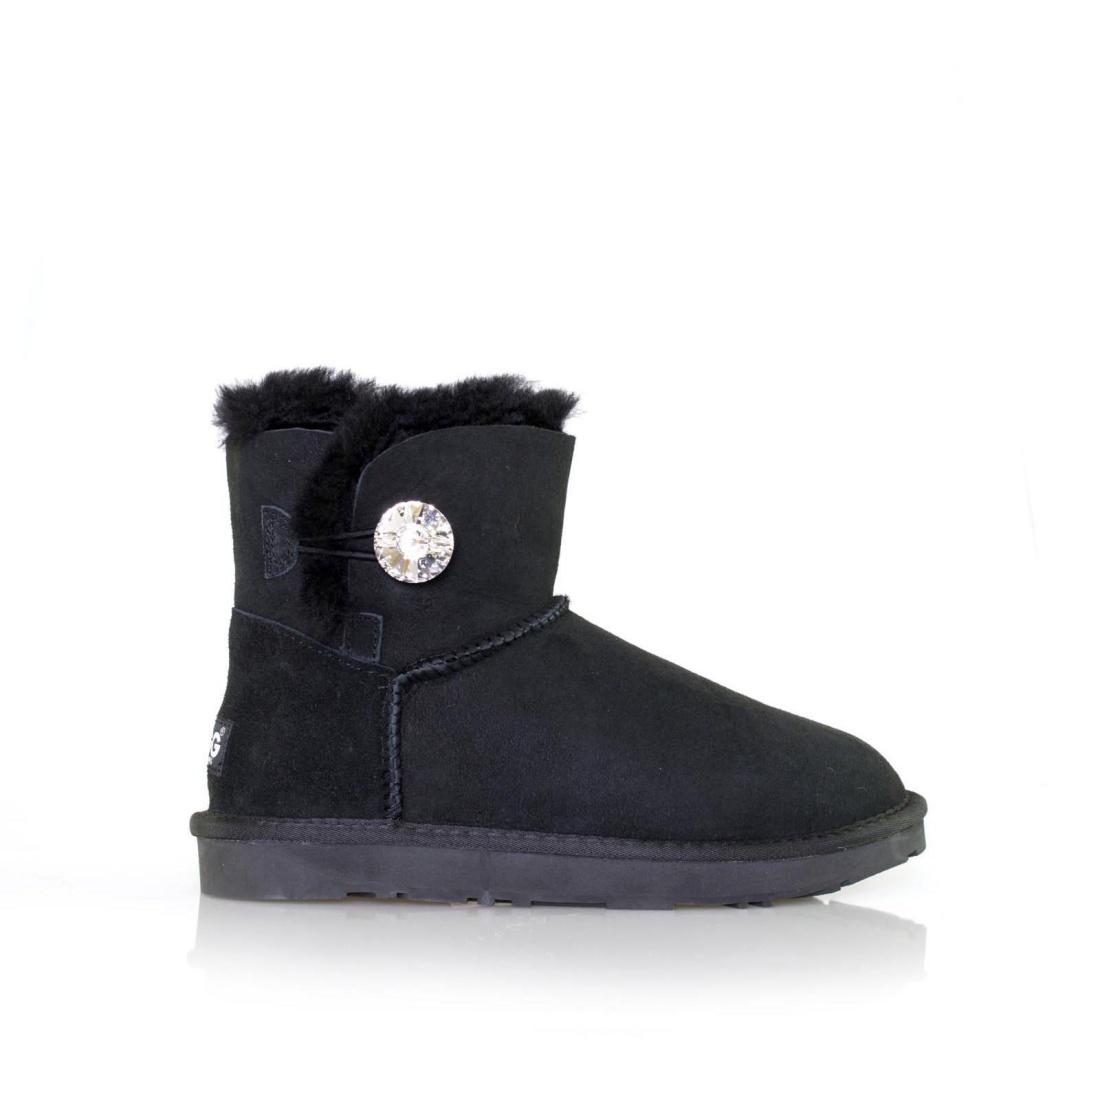 UGG Button Ankle Boots Mini - Black - AU Women 9 / Men 7